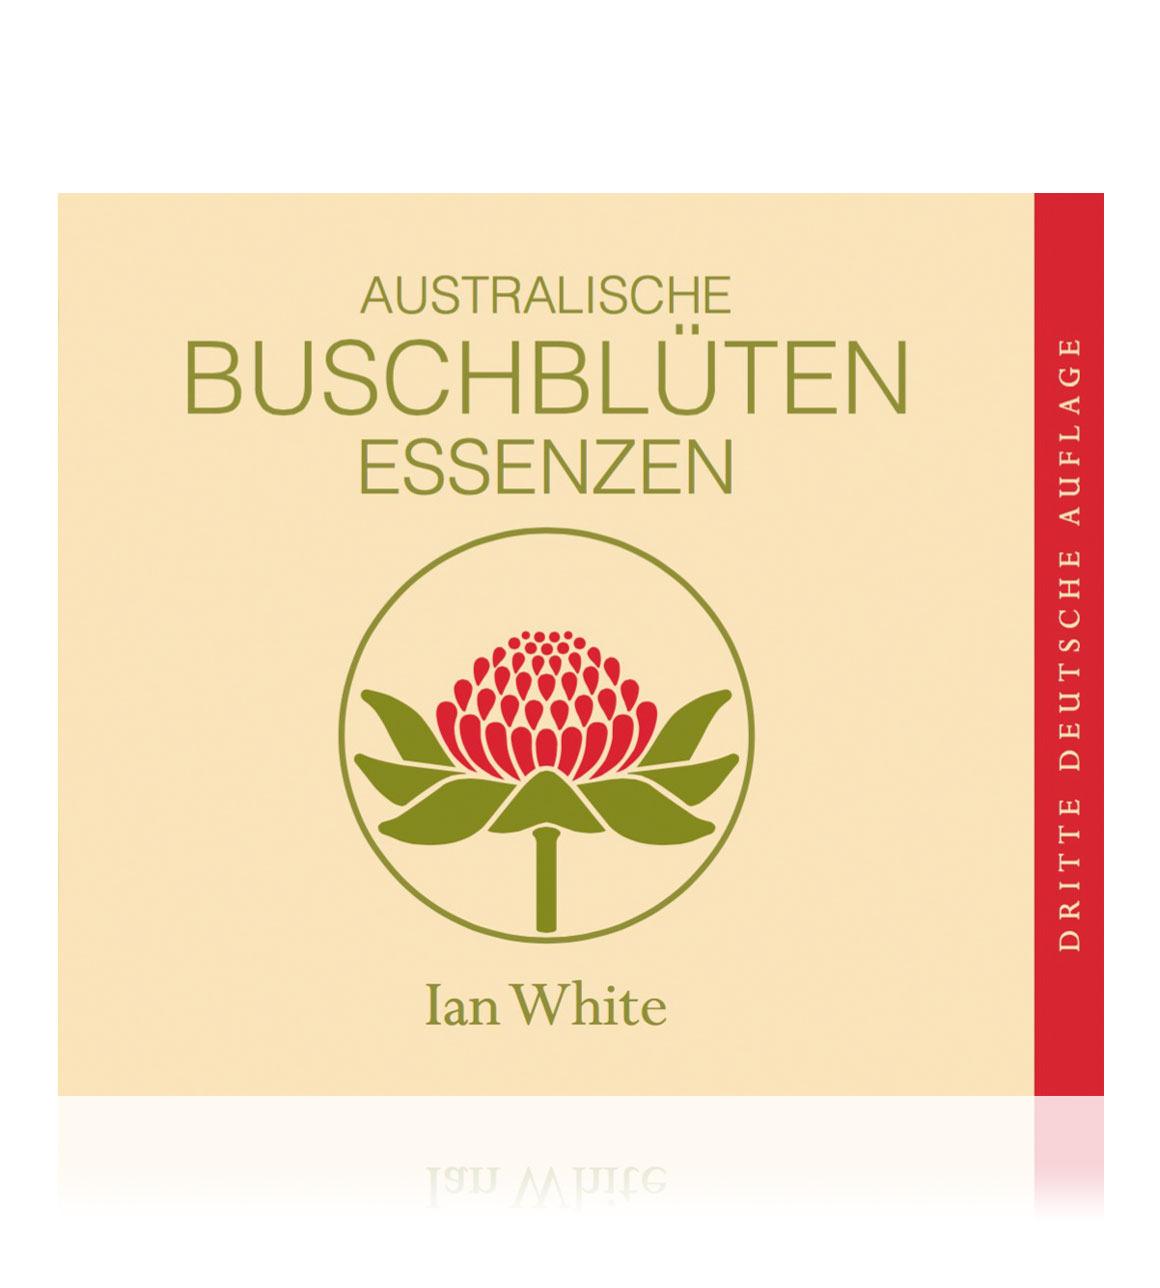 Australische Buschblüten Essenzen